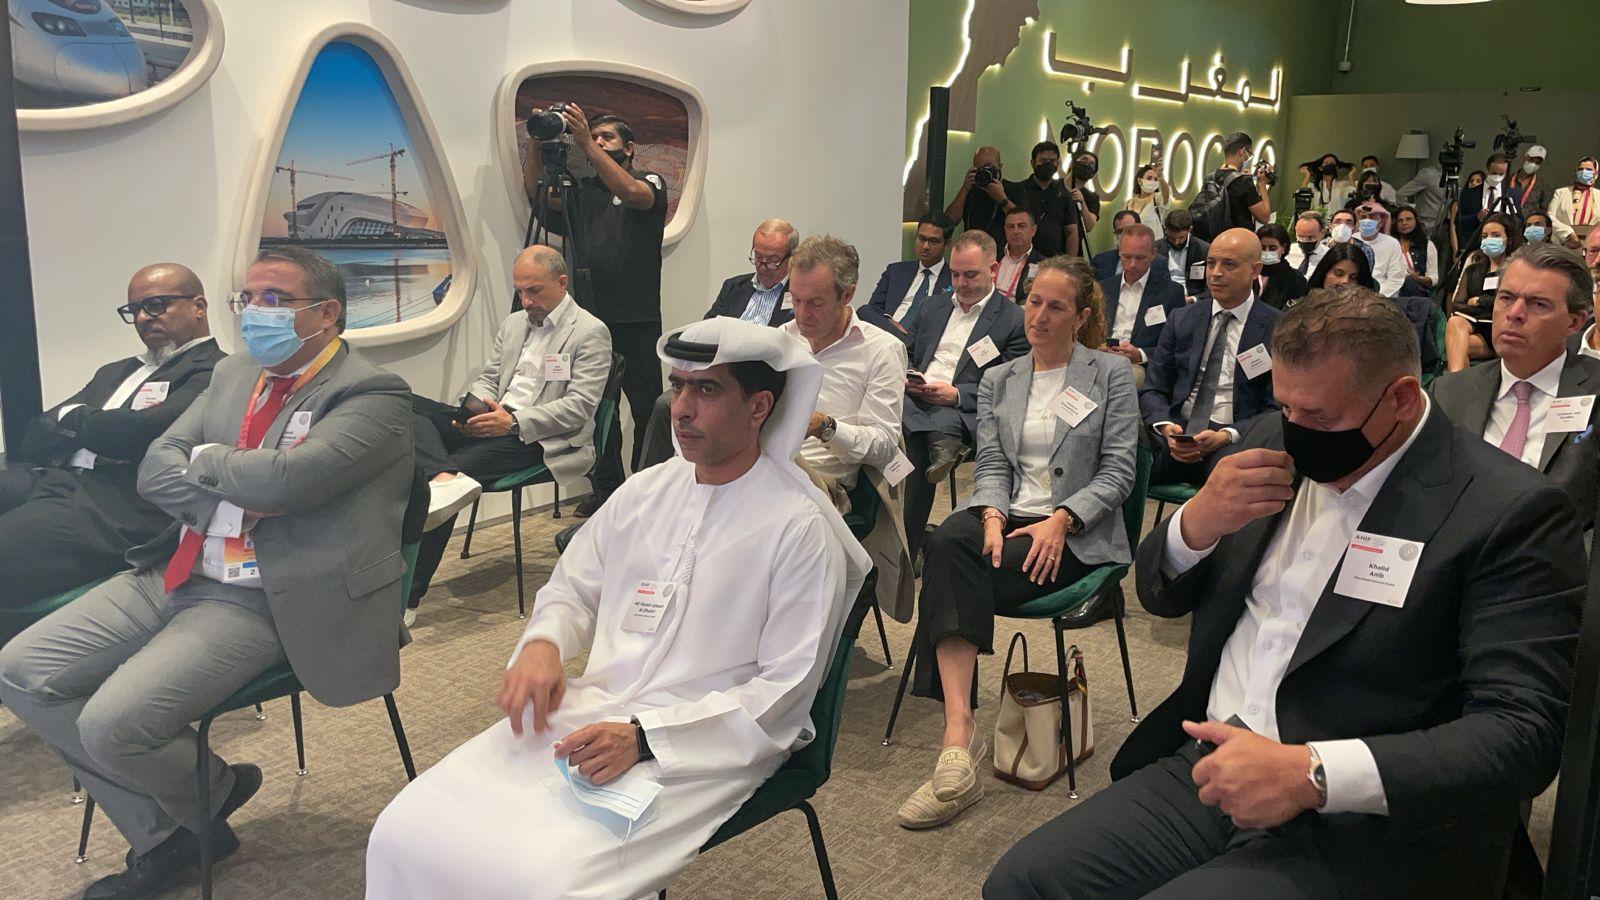 إكسبو دبي2020: الشركة المغربية للهندسة السياحية تنظم مؤتمرا حولالاستثمار في القطاع السياحي بالمغرب